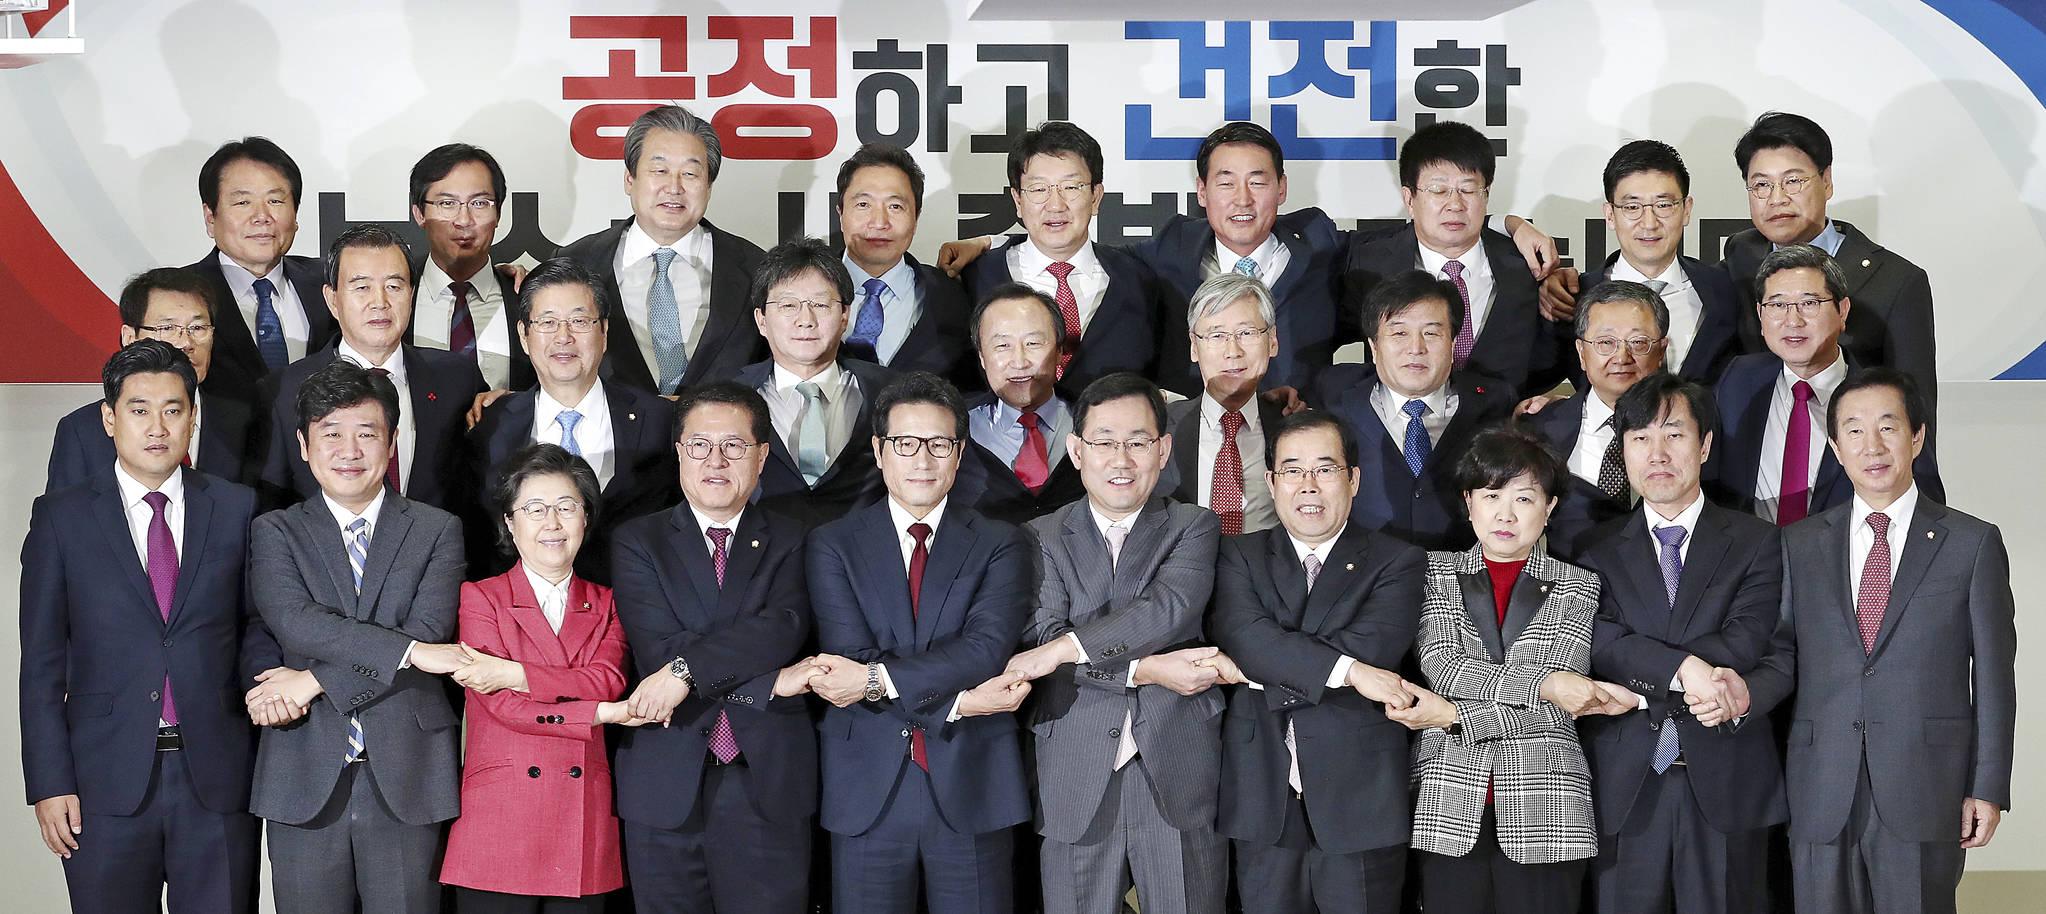 개혁보수신당 분당 선언 기자회견이 지난 2016년 12월 27일 오전 서울 여의도 국회 의원회관에서 28명의 의원이 참석 한 가운데 열렸다. 김현동 기자